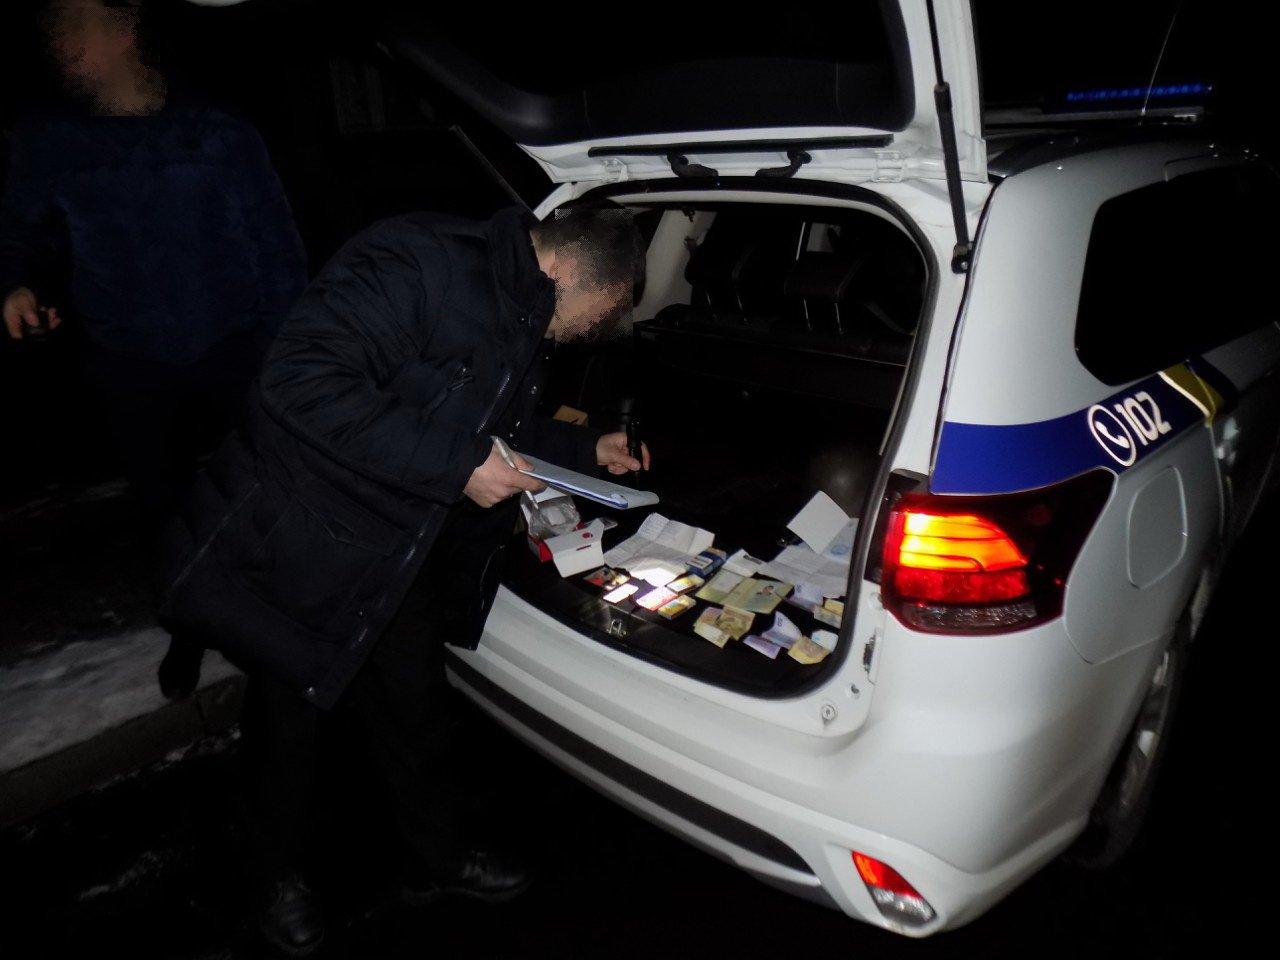 На Перечинщині поліція затримала неадекватного чоловіка з пакунком наркотиків: фото, фото-1